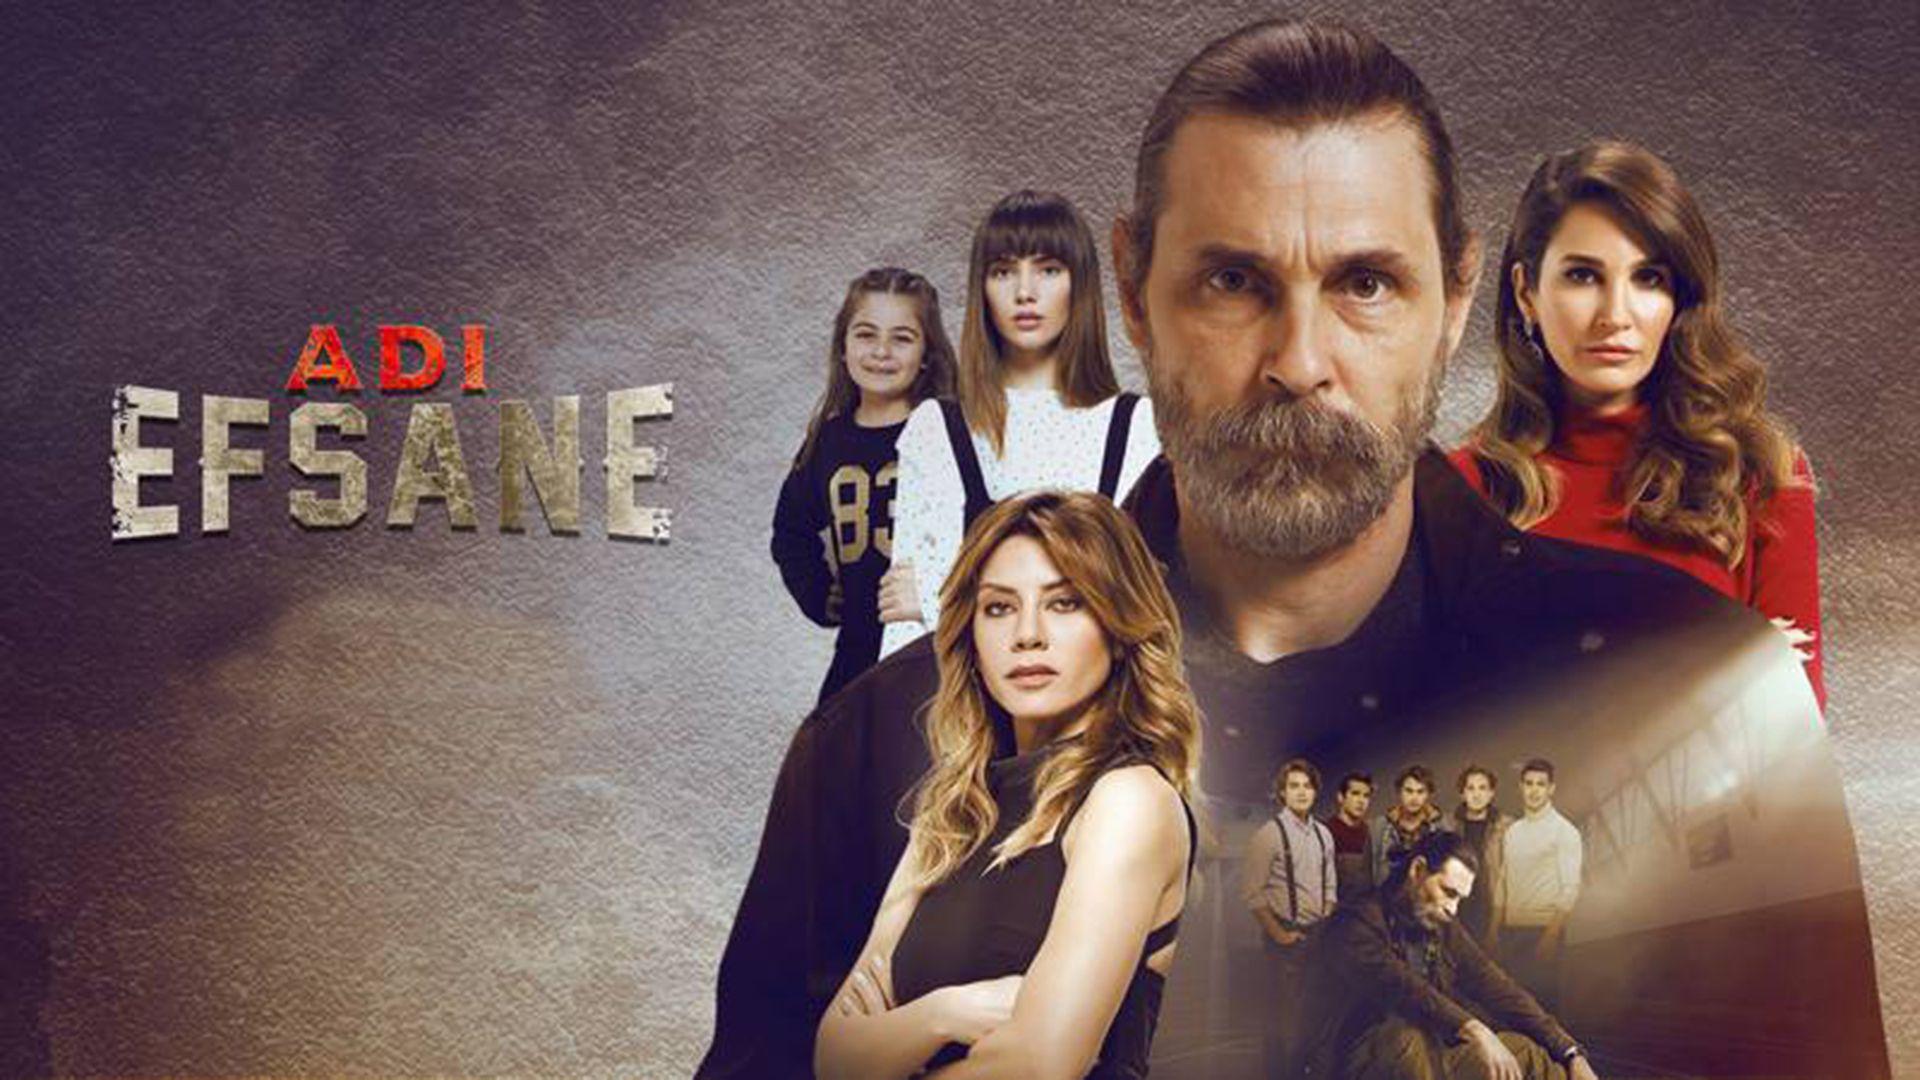 Season 01, Episode 01